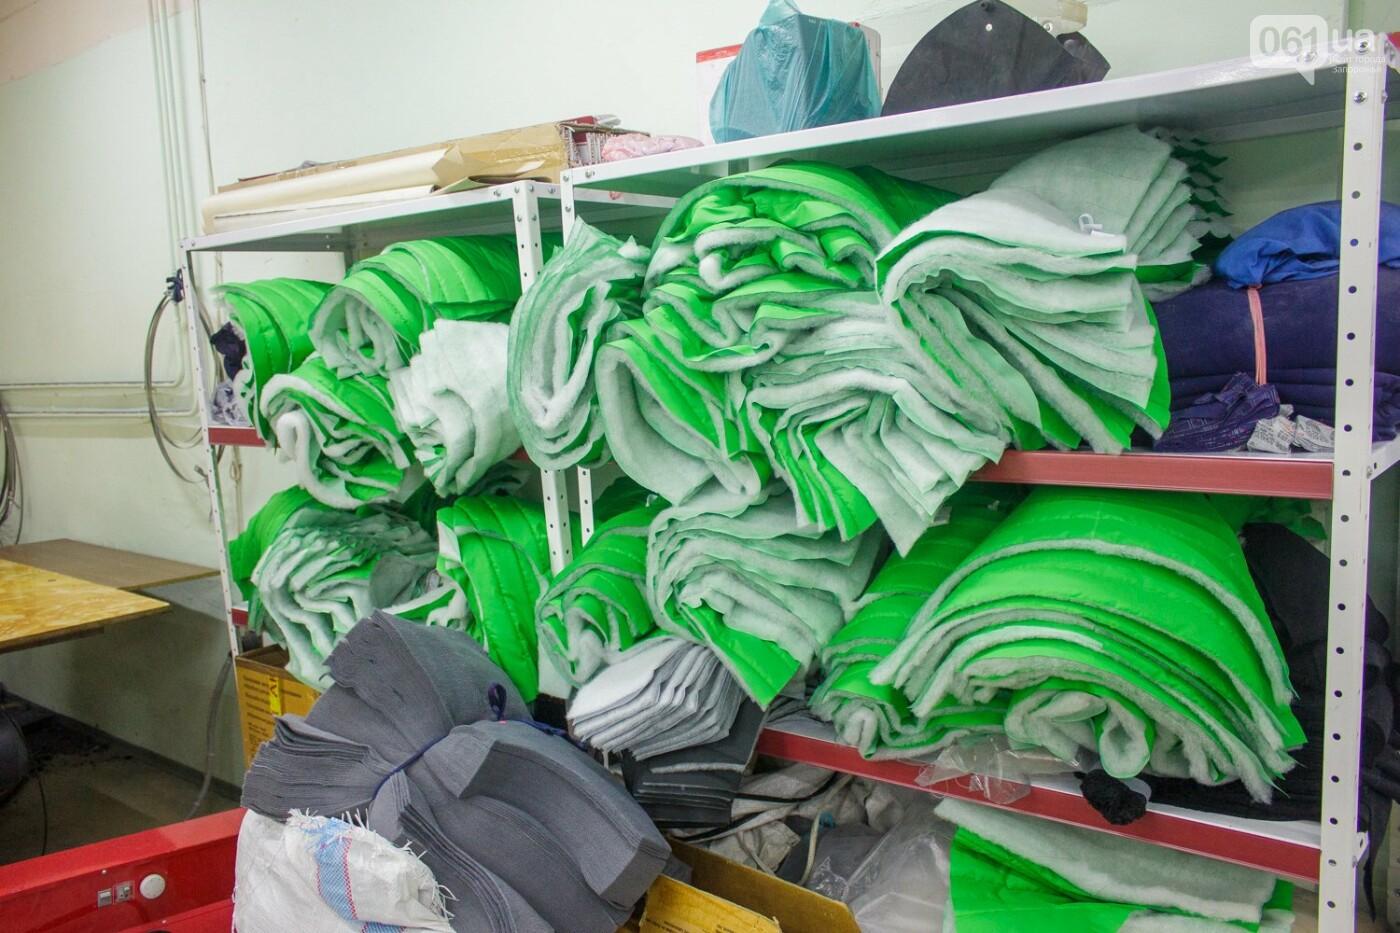 Как в Запорожье шьют мужское белье: экскурсия на трикотажную фабрику, – ФОТОРЕПОРТАЖ, фото-27